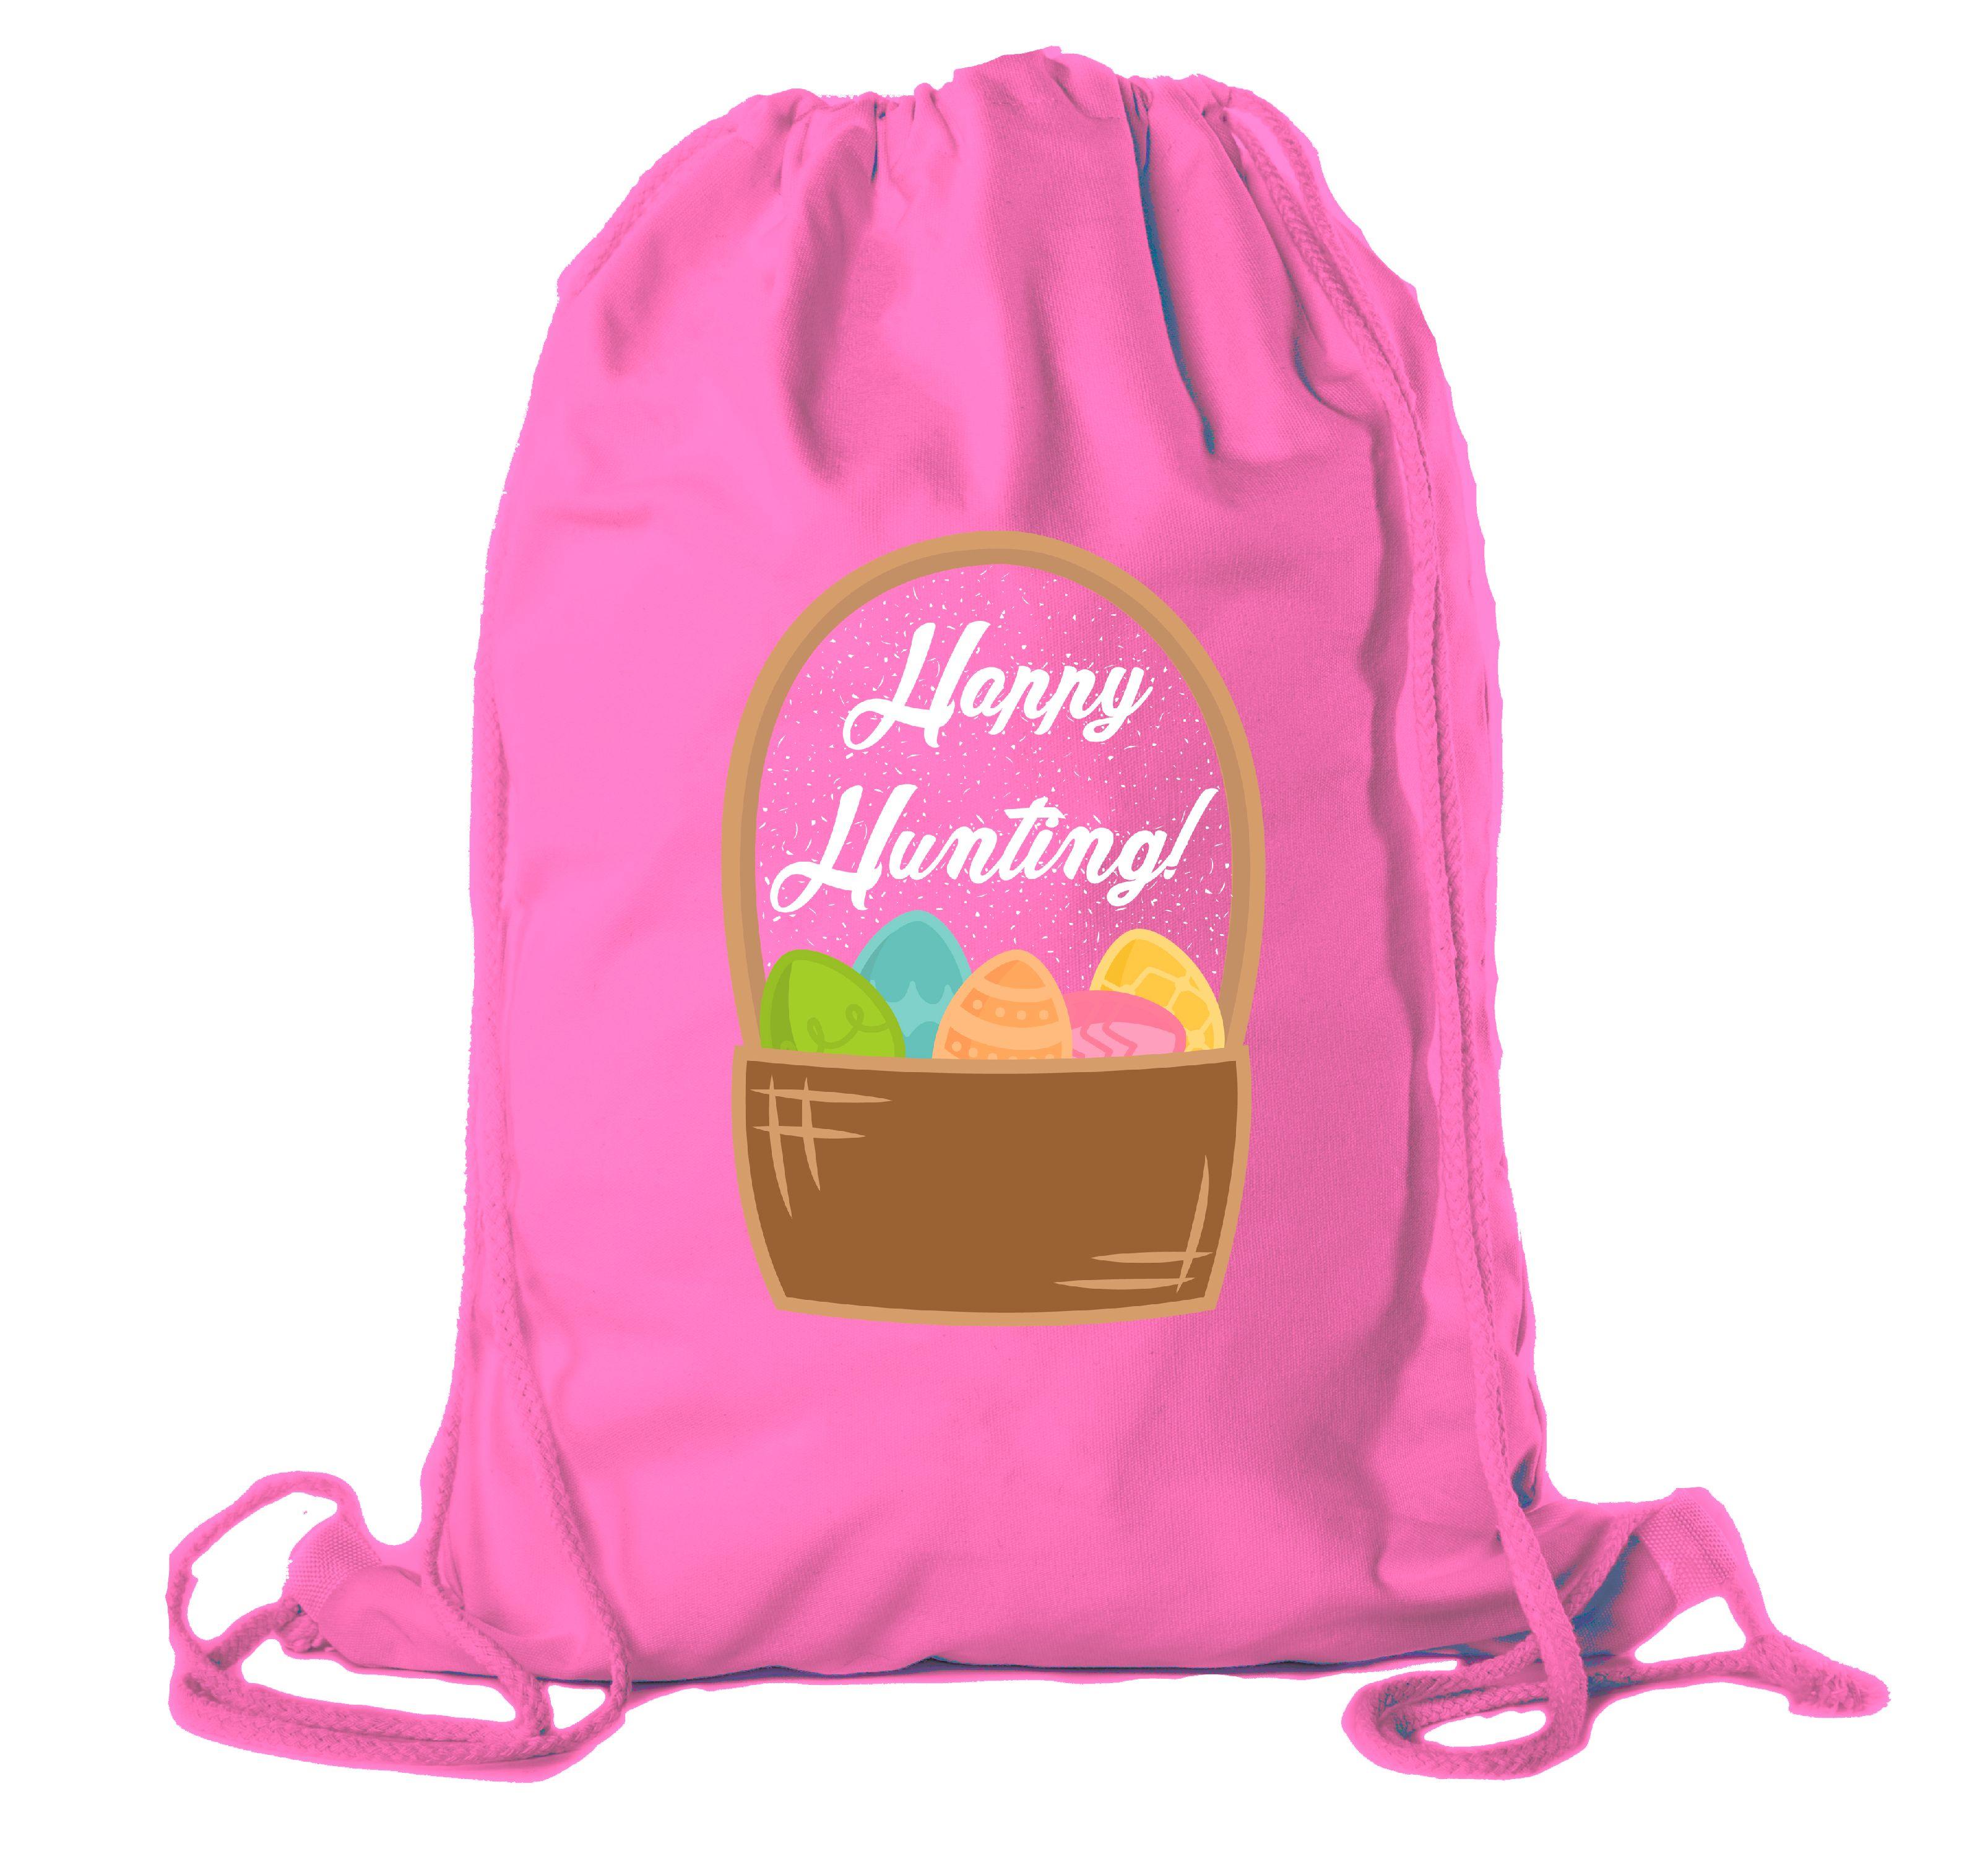 Easter Basket Backpack Bulk Cotton Drawstring Cinch Bags Easter Bunny Gift Bags - Basket